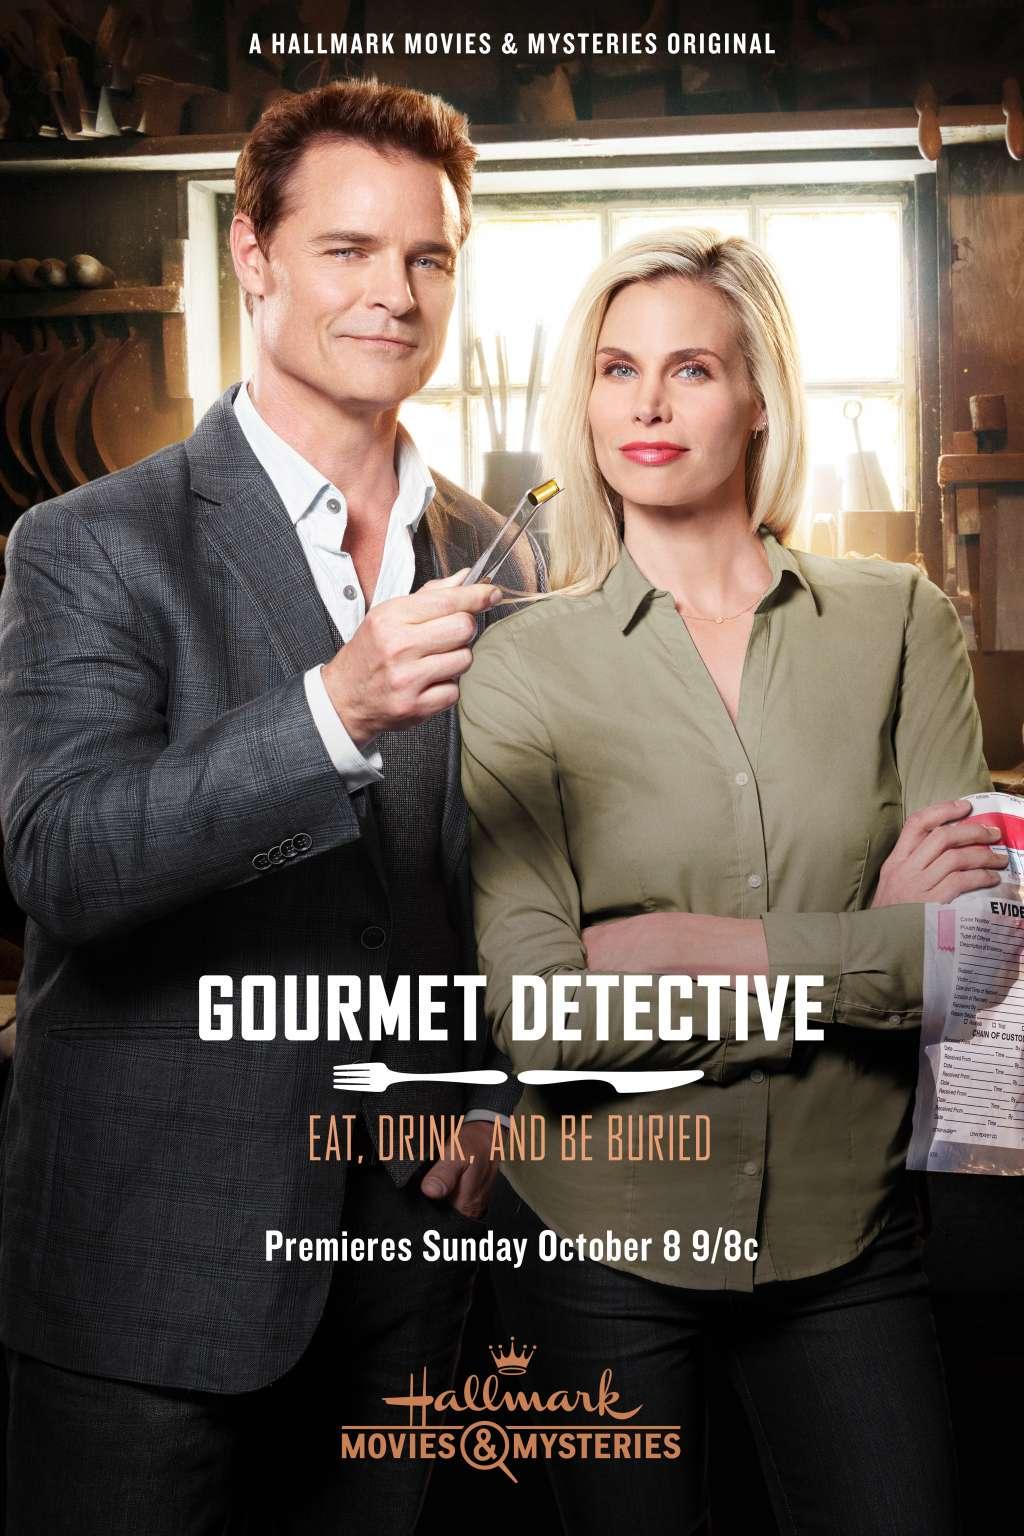 The Gourmet Detective kapak